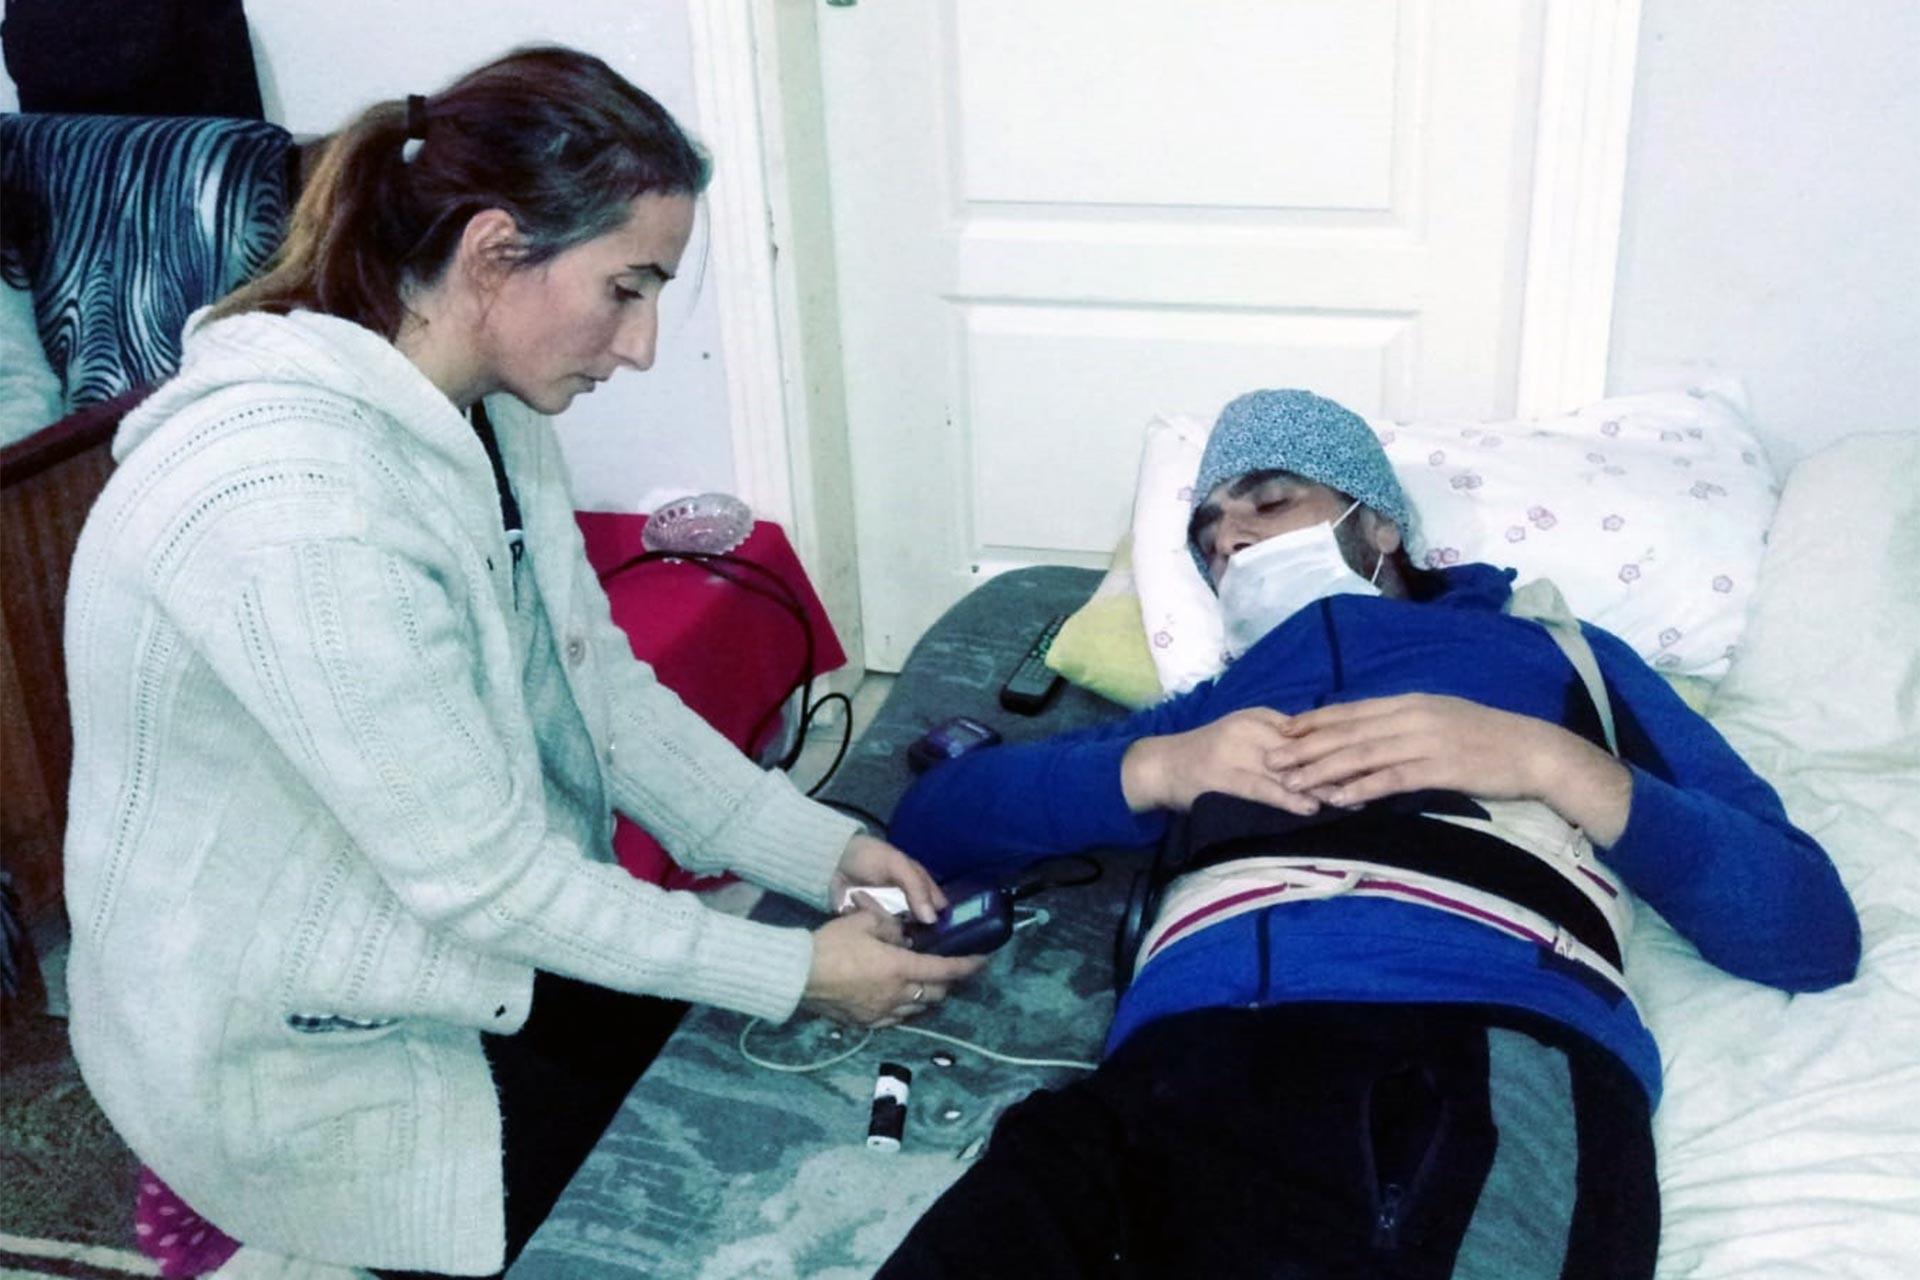 Diyabet nedeniyle engelli hale gelen hasta yatakta muayene edilirken